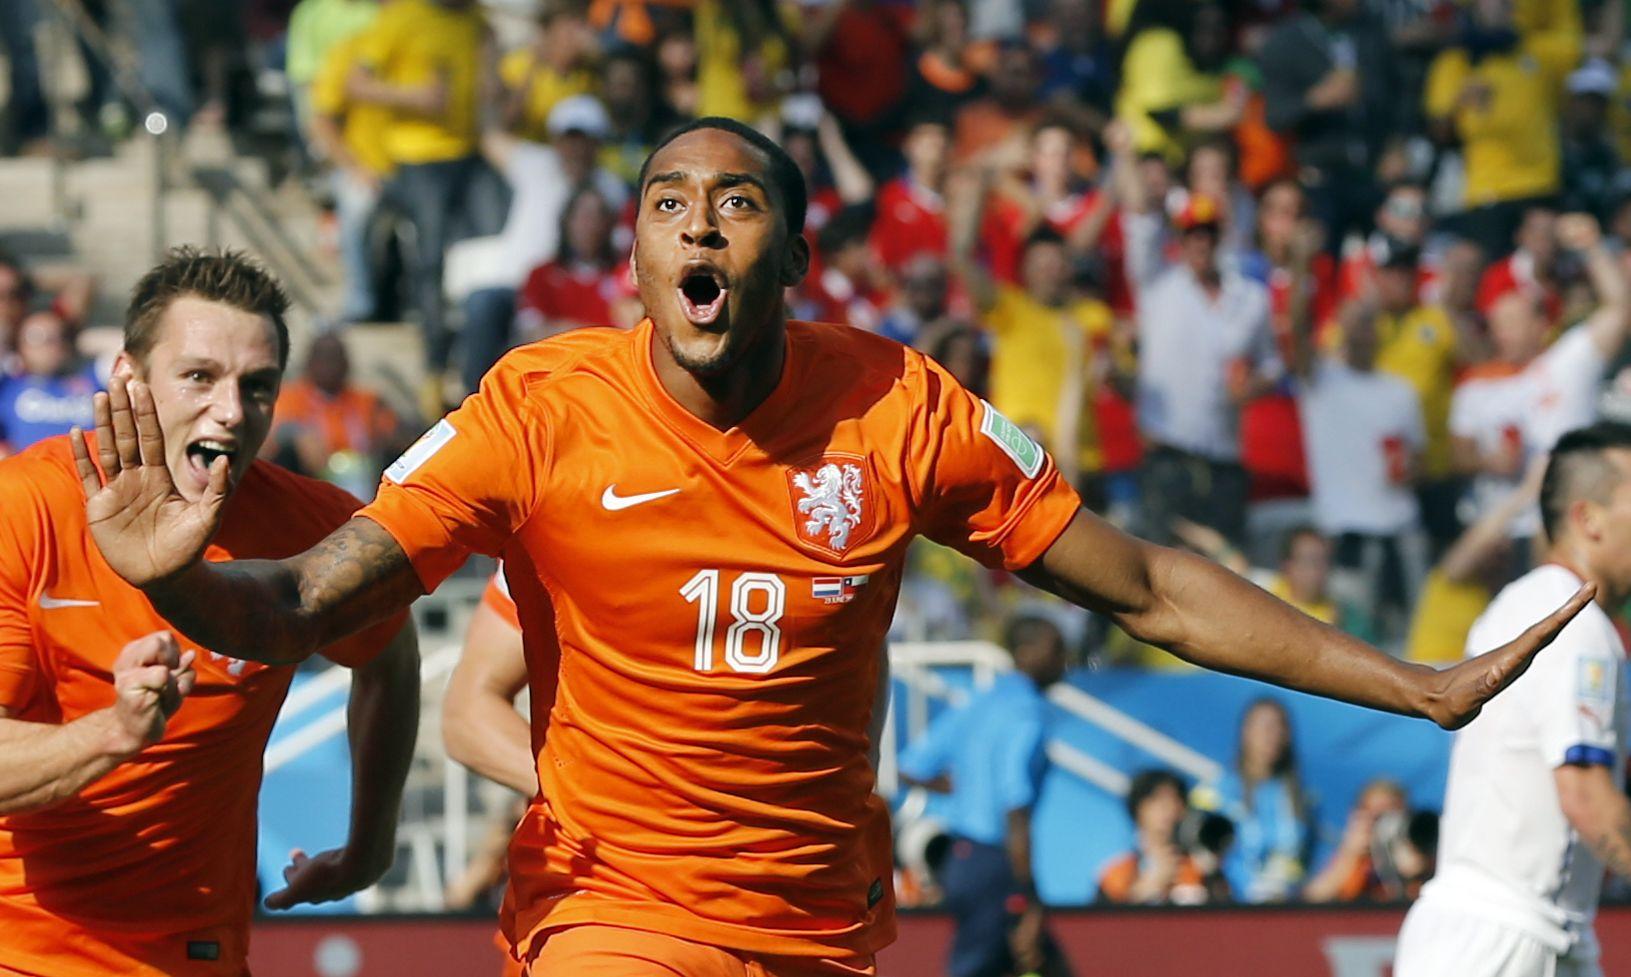 Holanda logró un triunfo por 2 a 0 ante Chile y consolidó su liderazgo en el Grupo B.